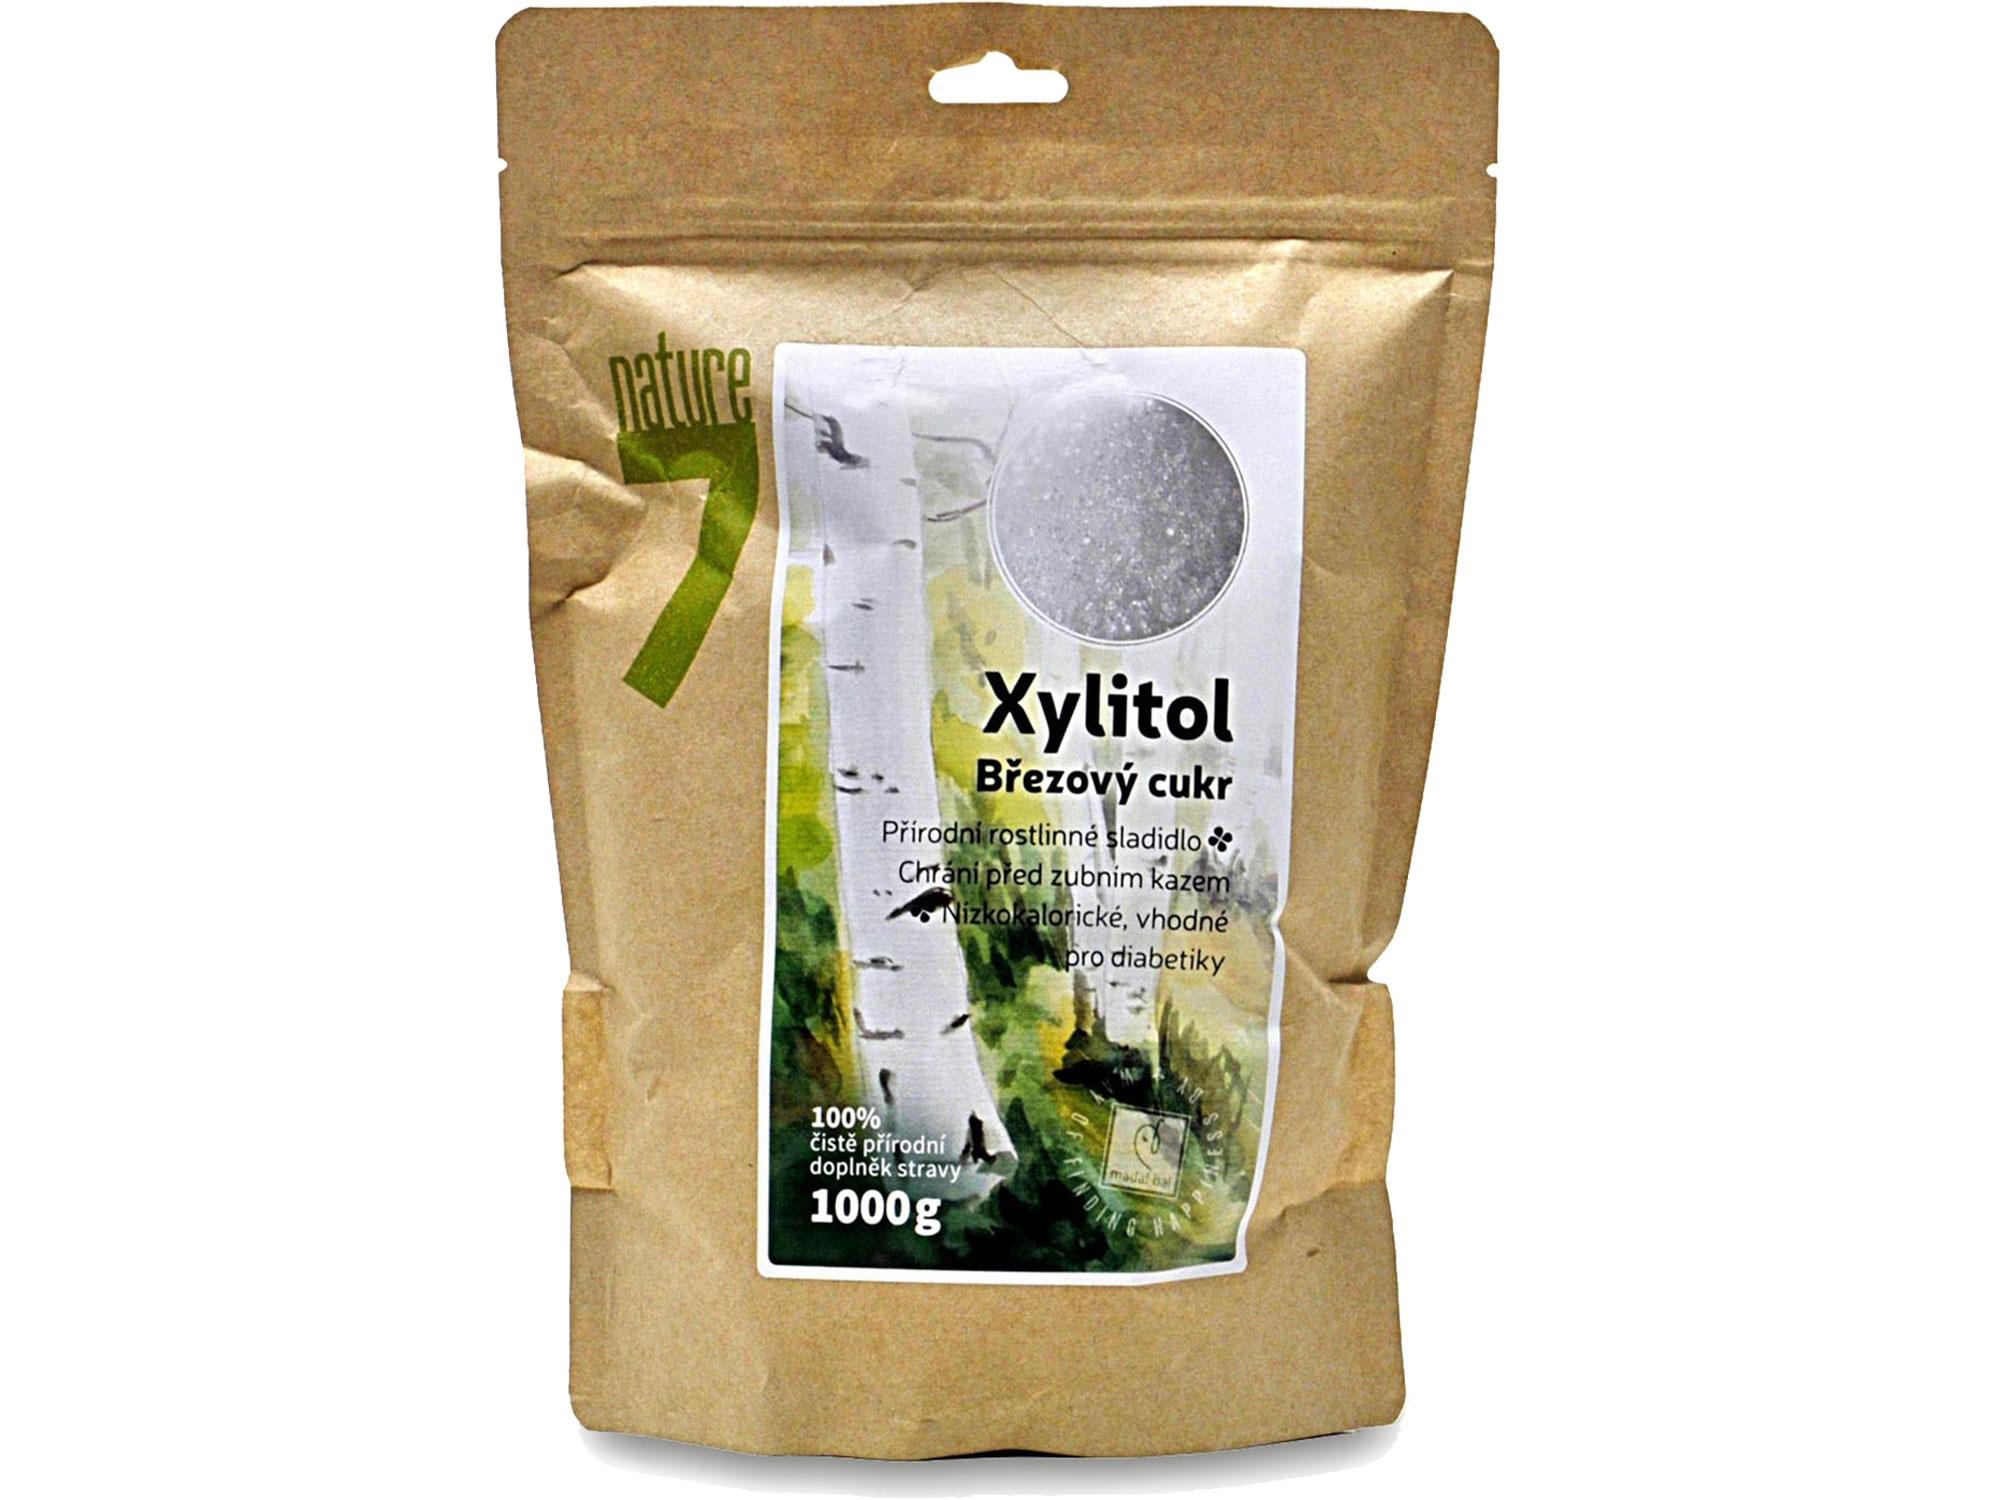 xylitol cukr, 1000g jemná krupice